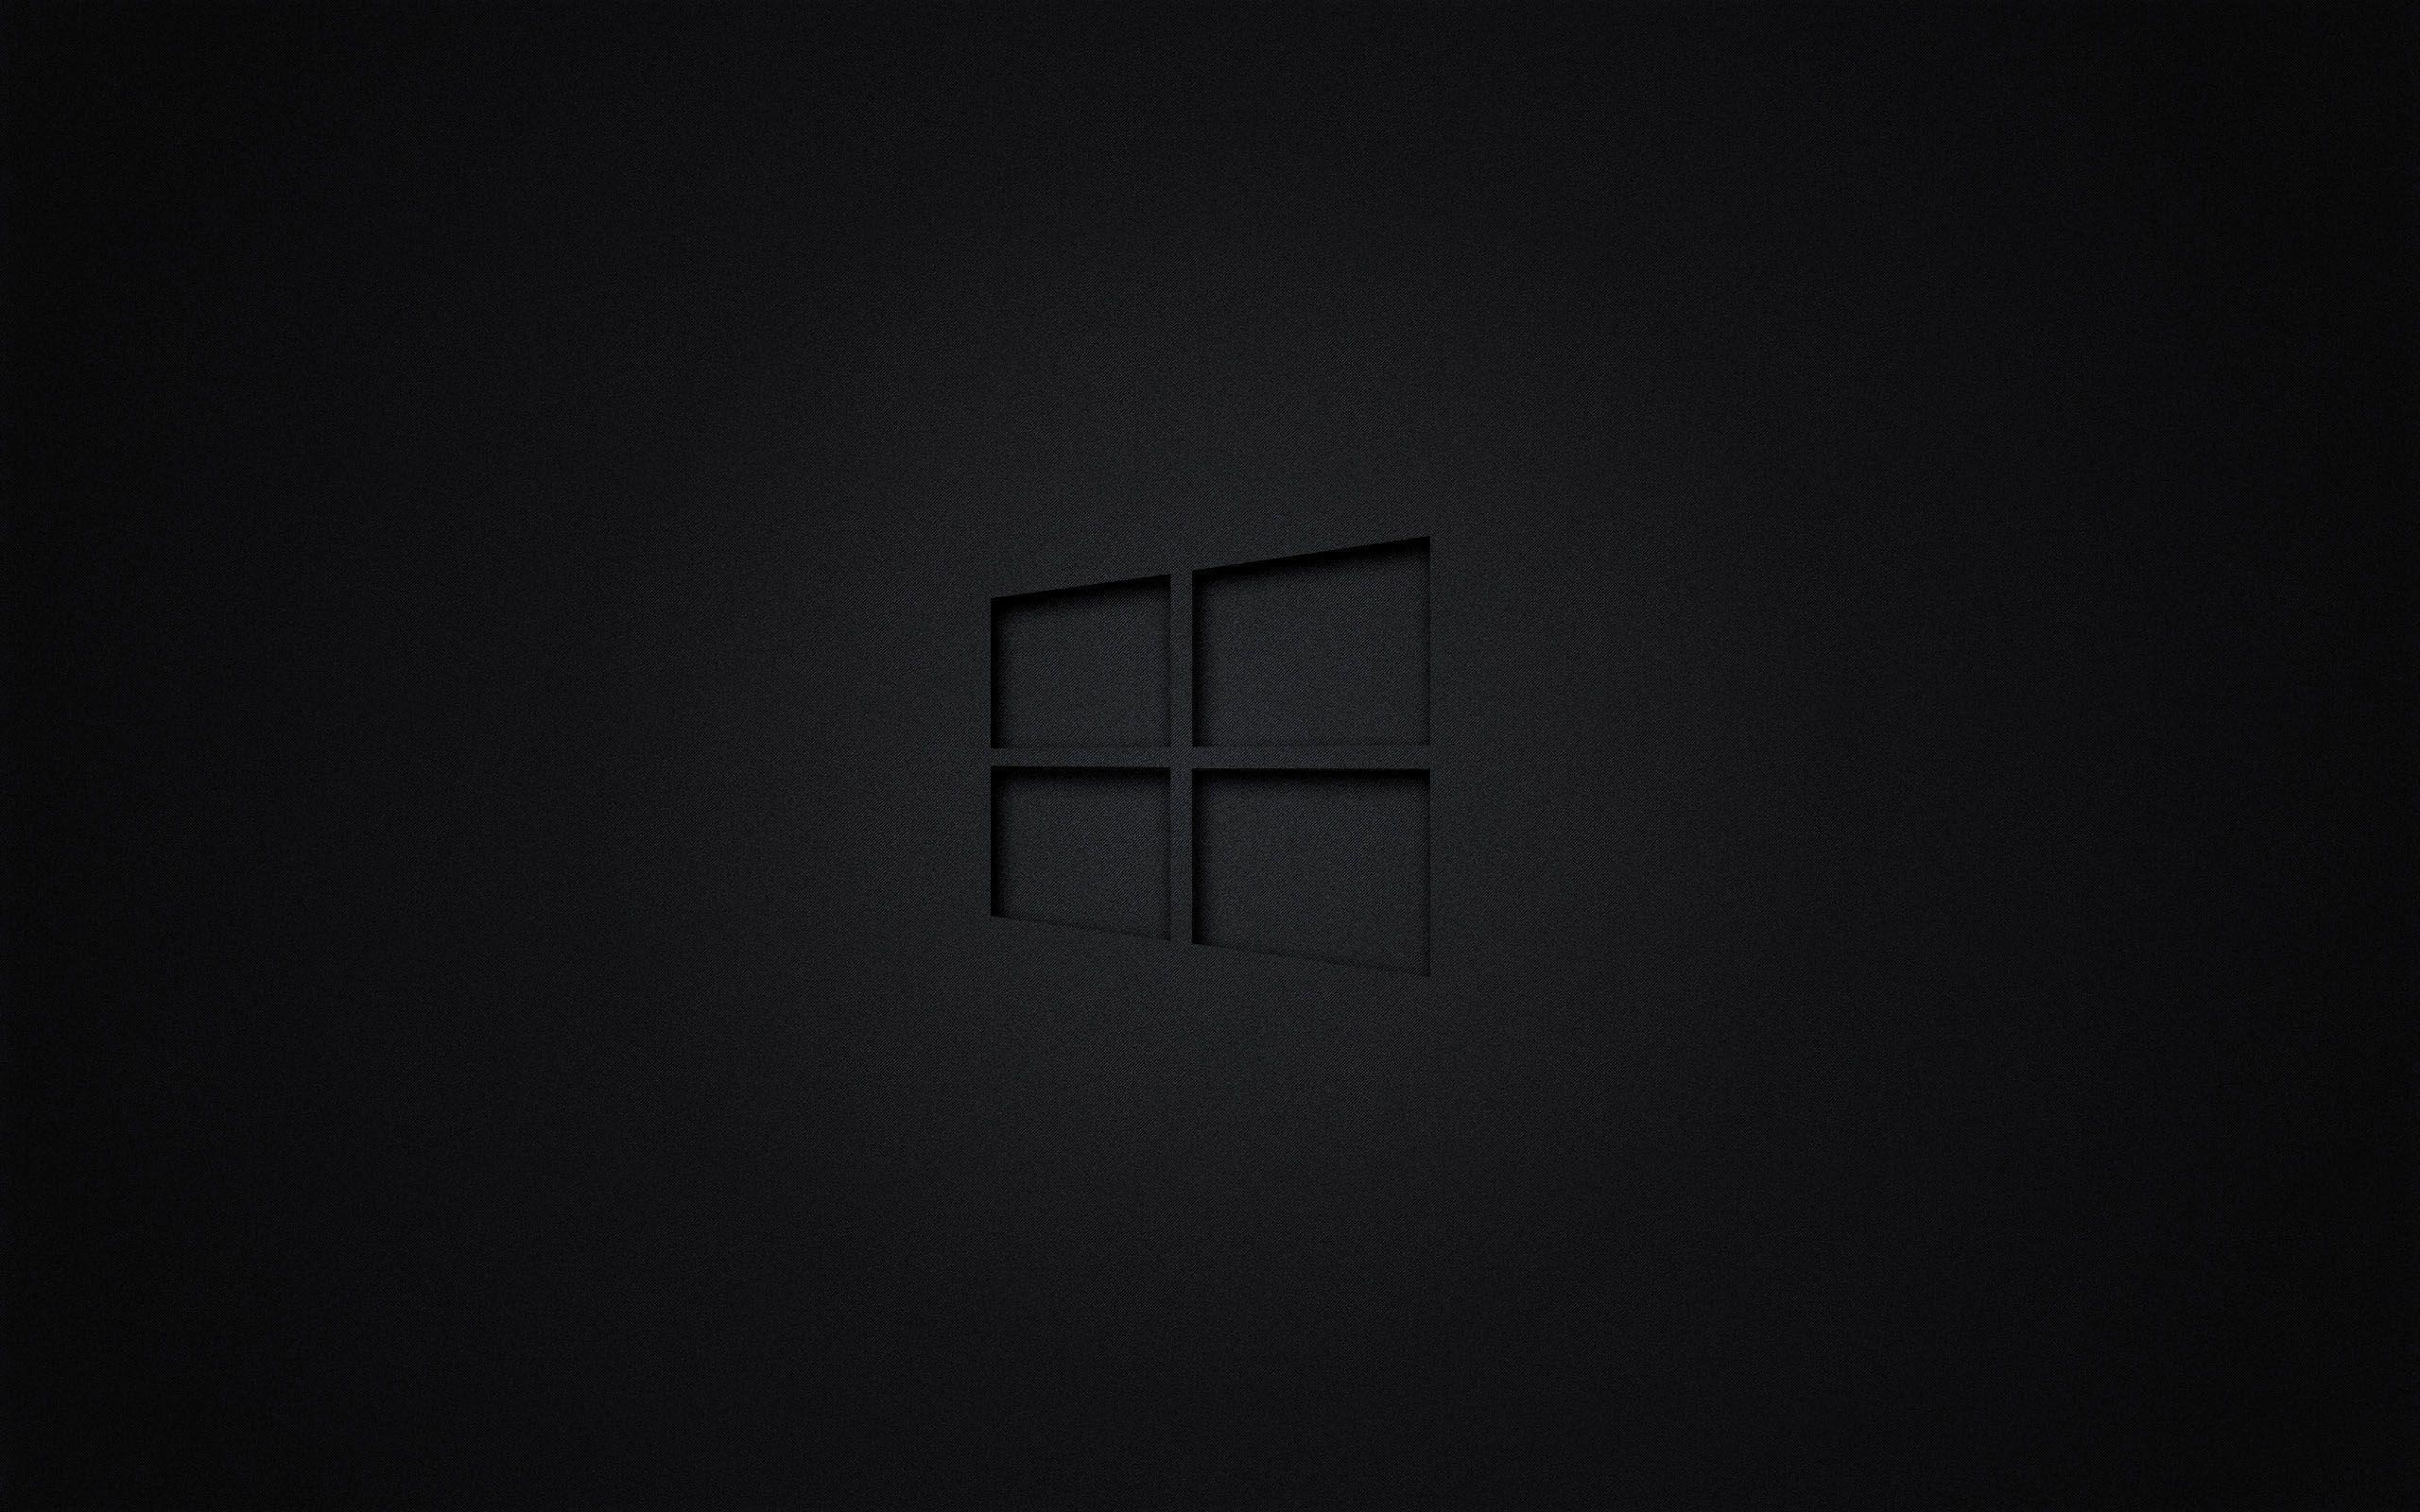 Hd Desktop Wallpapers Windows 10 Free Fullscreen Wallpapers Images Hdpix Papel De Parede Do Windows Papel De Parede Do Notebook Imagem De Fundo De Computador